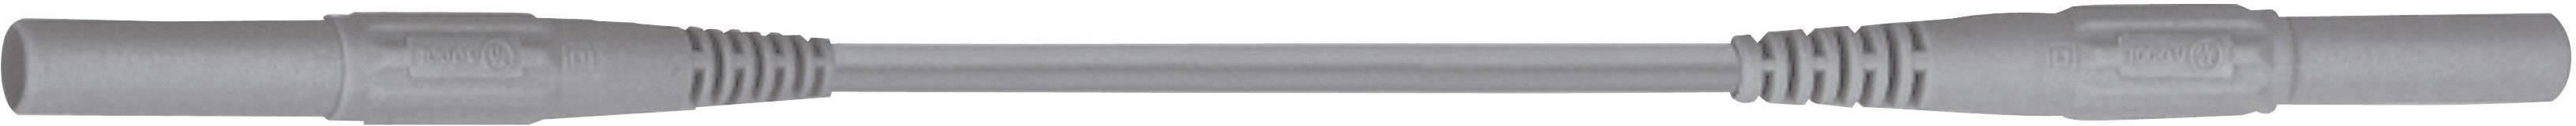 Merací kábel Multicontact XMF-419, 2,5 mm², 0,5 m, sivý